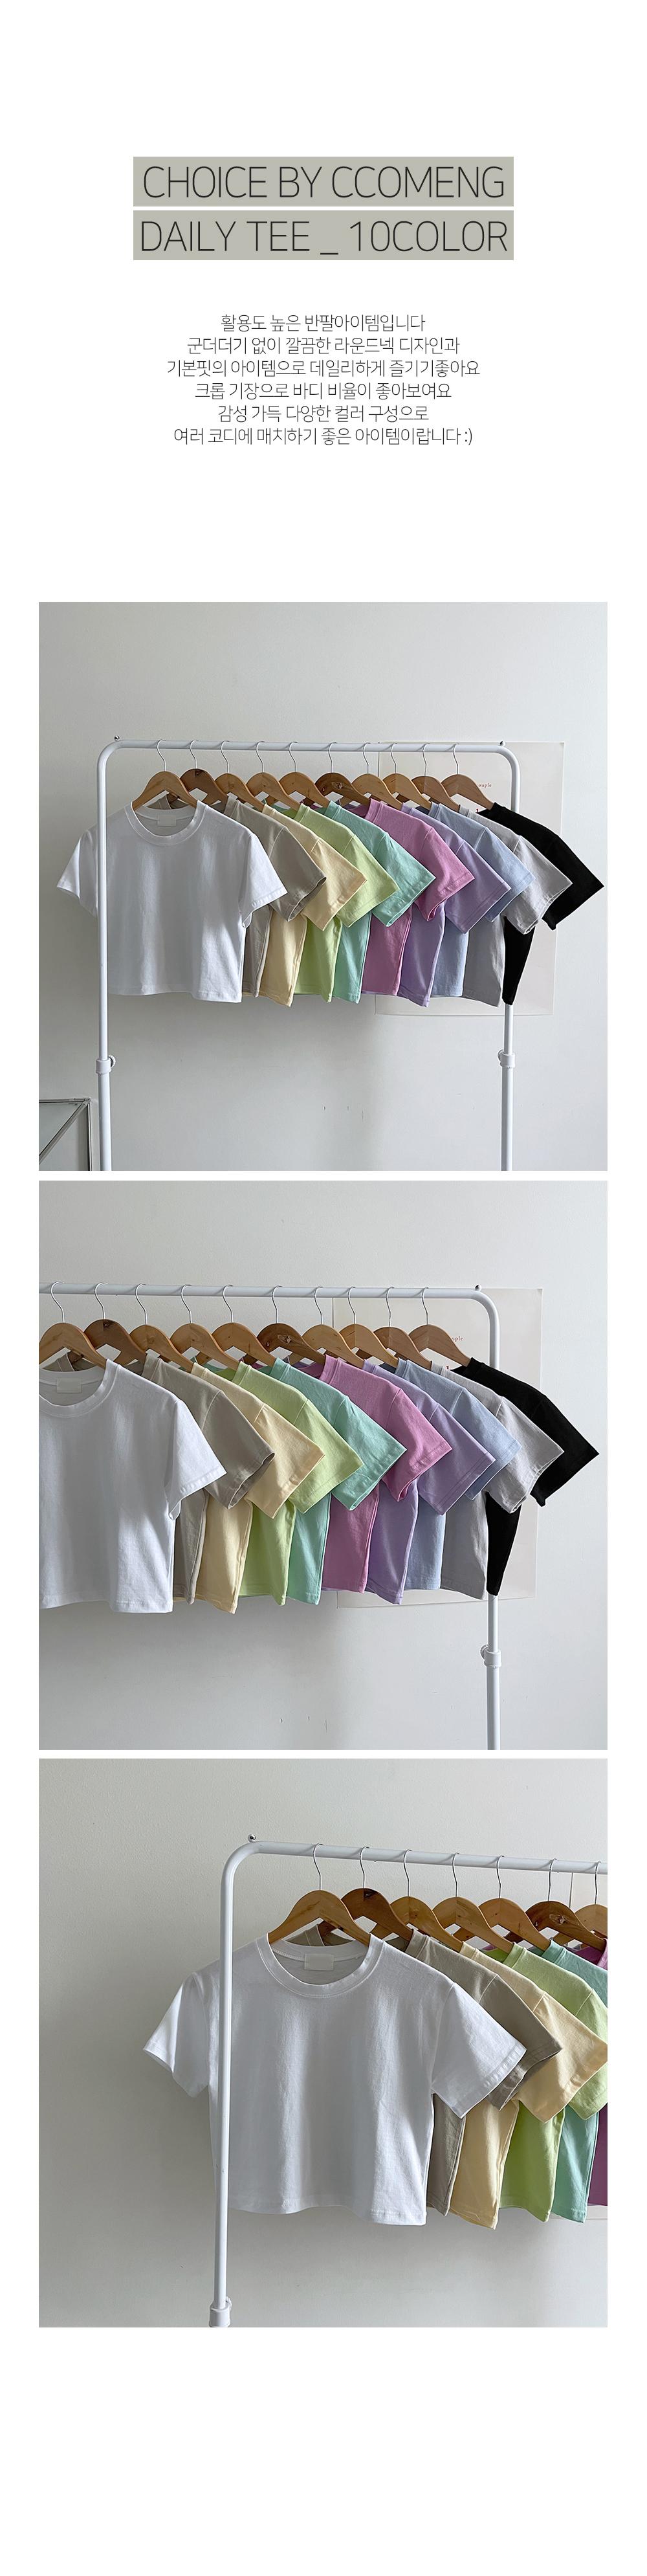 드레스 화이트 색상 이미지-S1L4